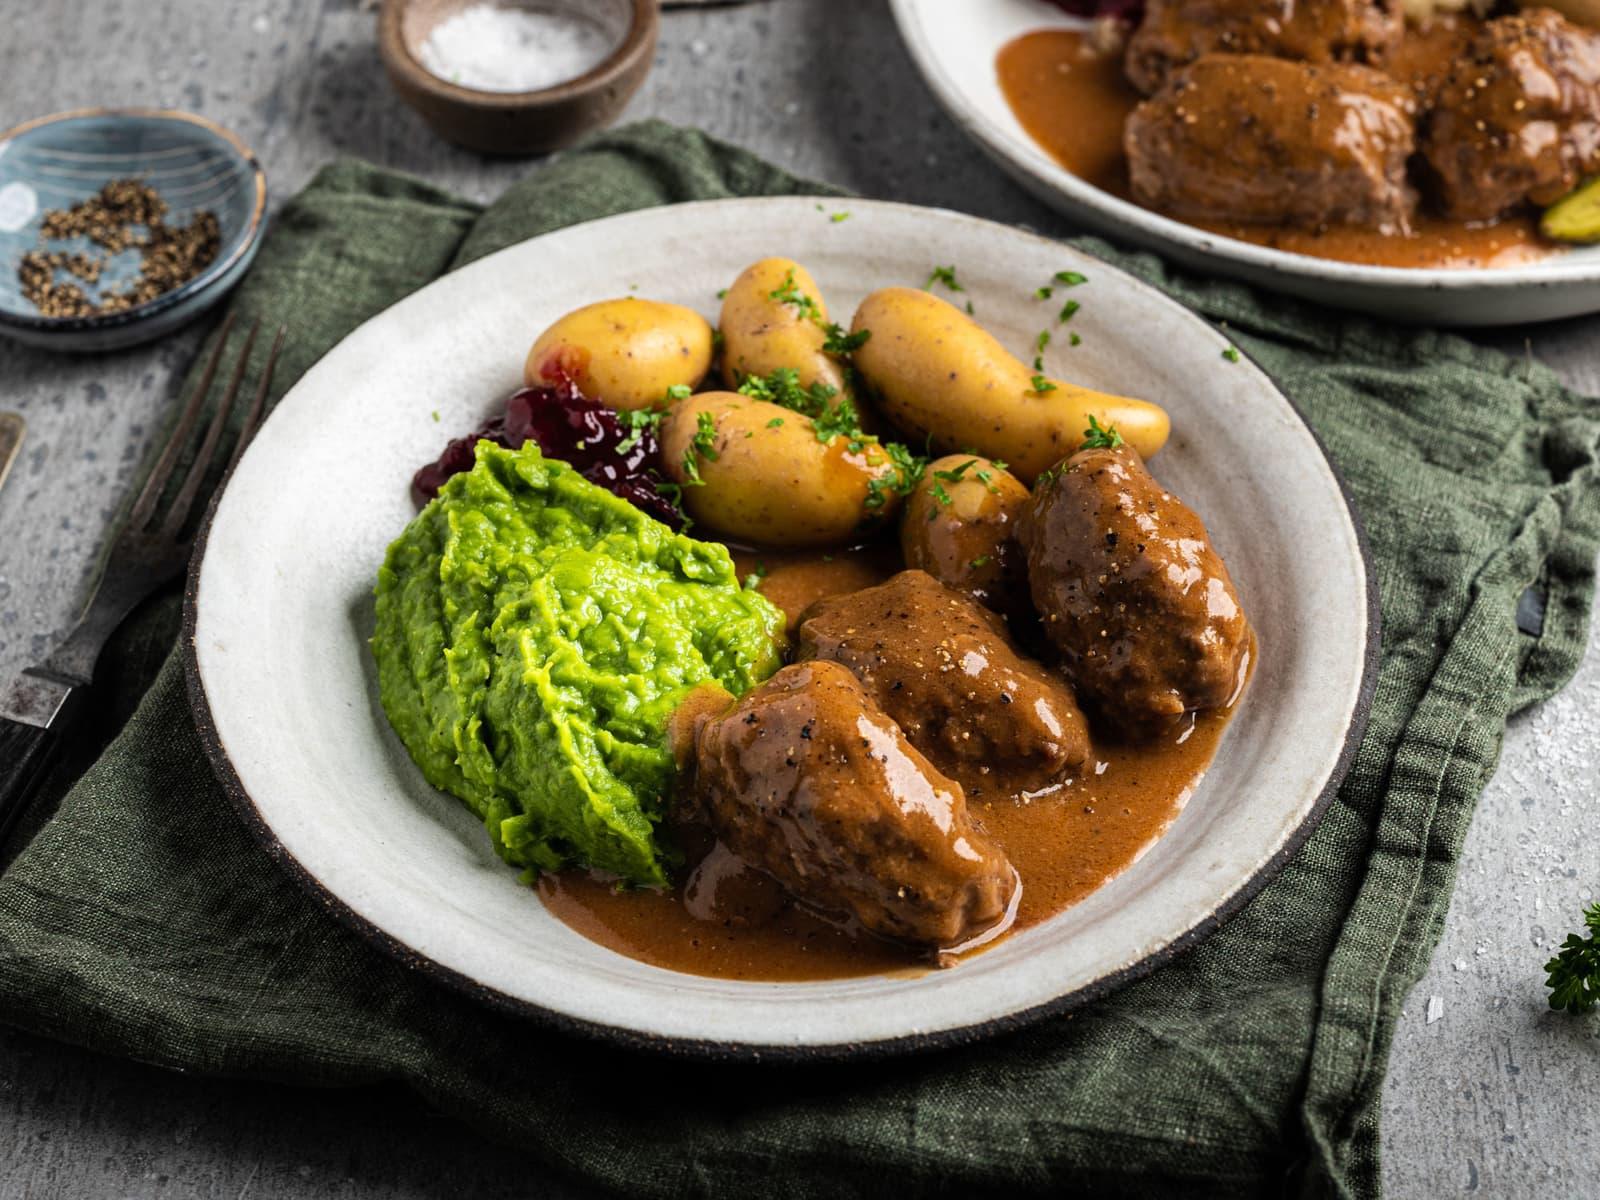 Hjemmelagde kjøttkaker i brun saus